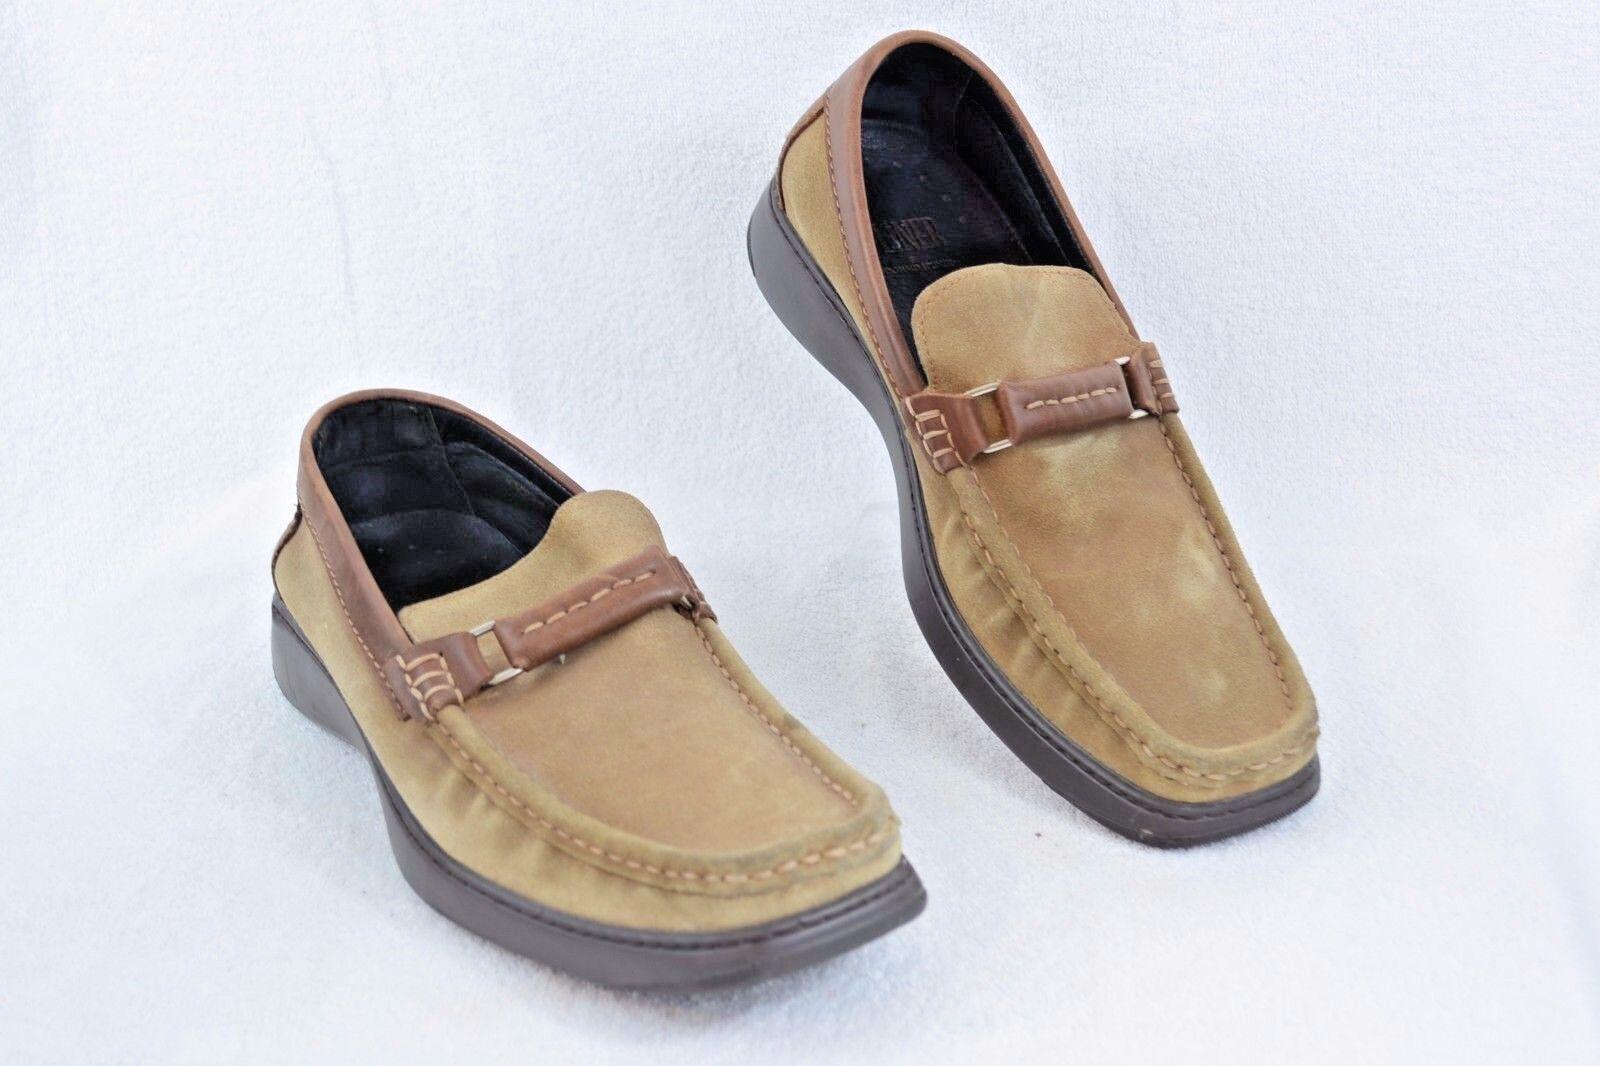 Donald J Pliner Men's MINCH-8335 Tan Suede Horsebit Dress Loafers Sz 12M P102